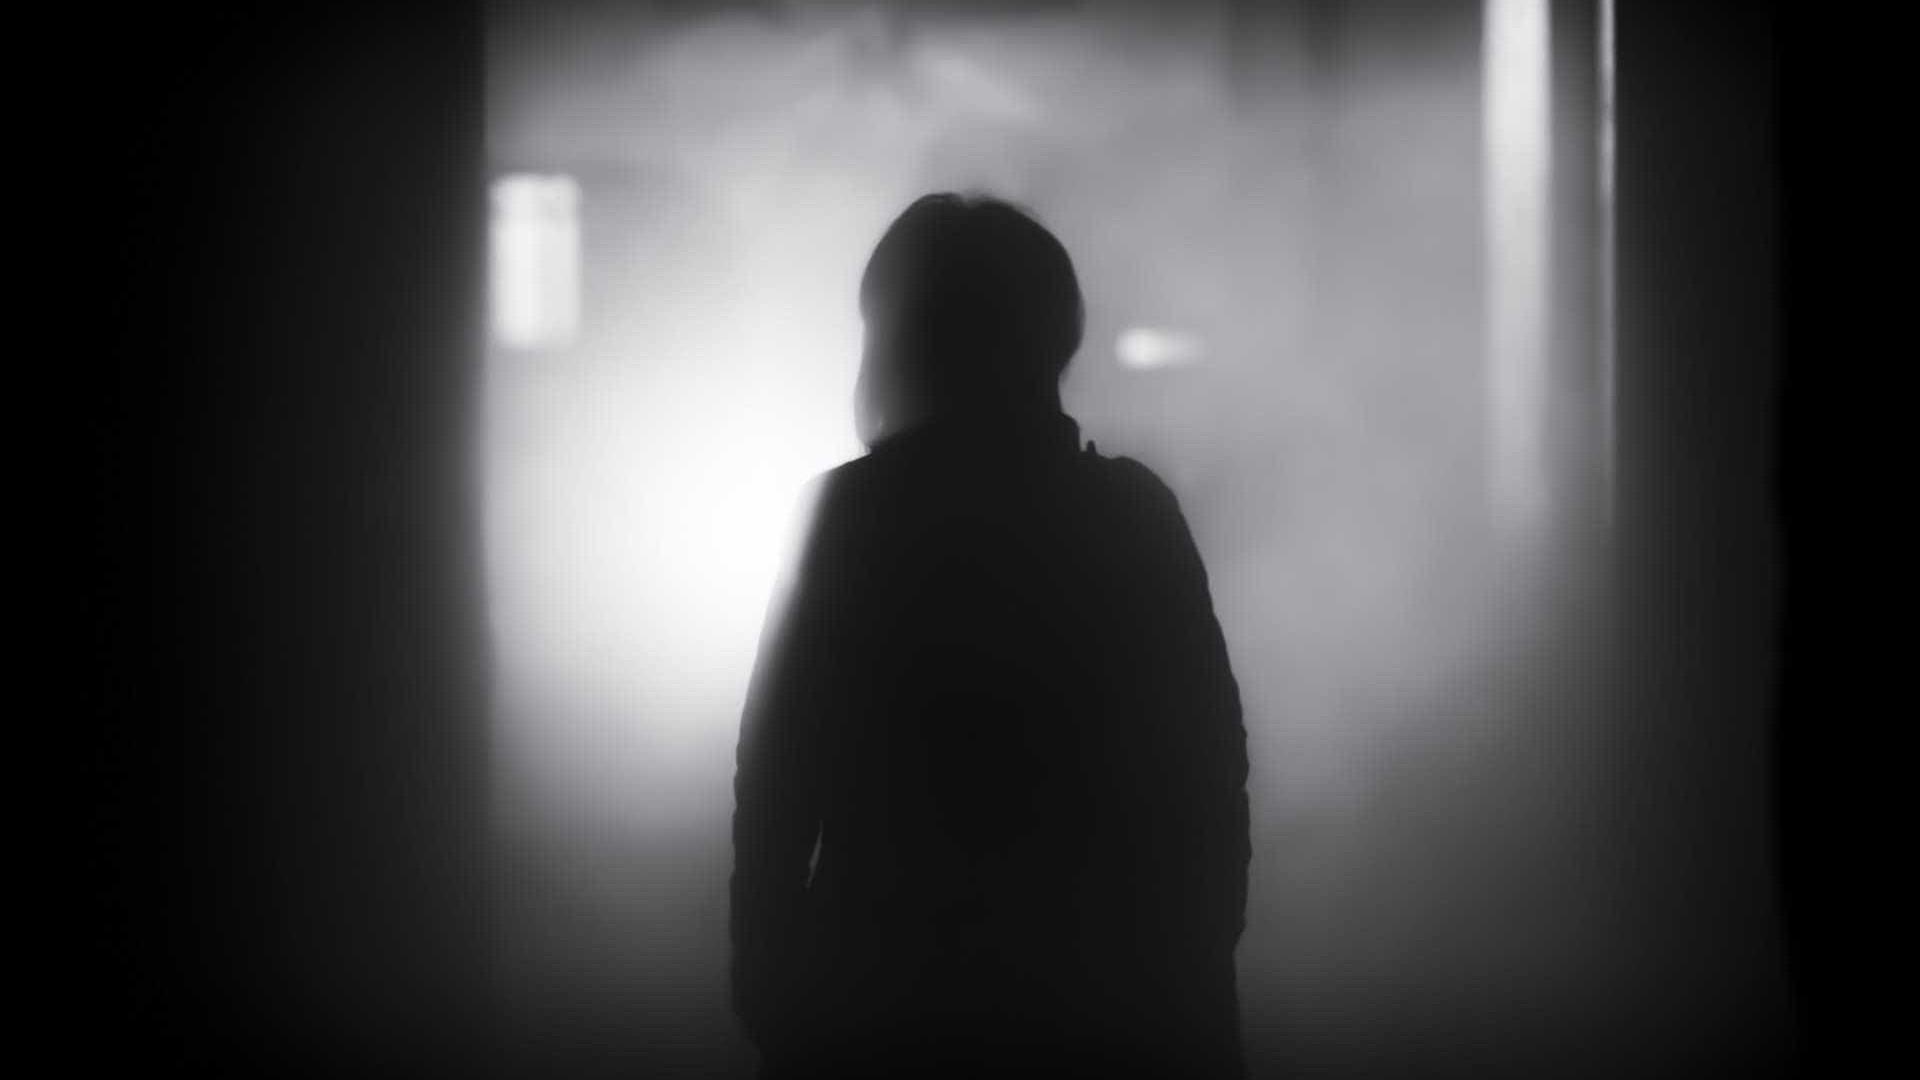 Pai que engravidou a filha fala sobre abusos: 'Não sei dizer a razão'